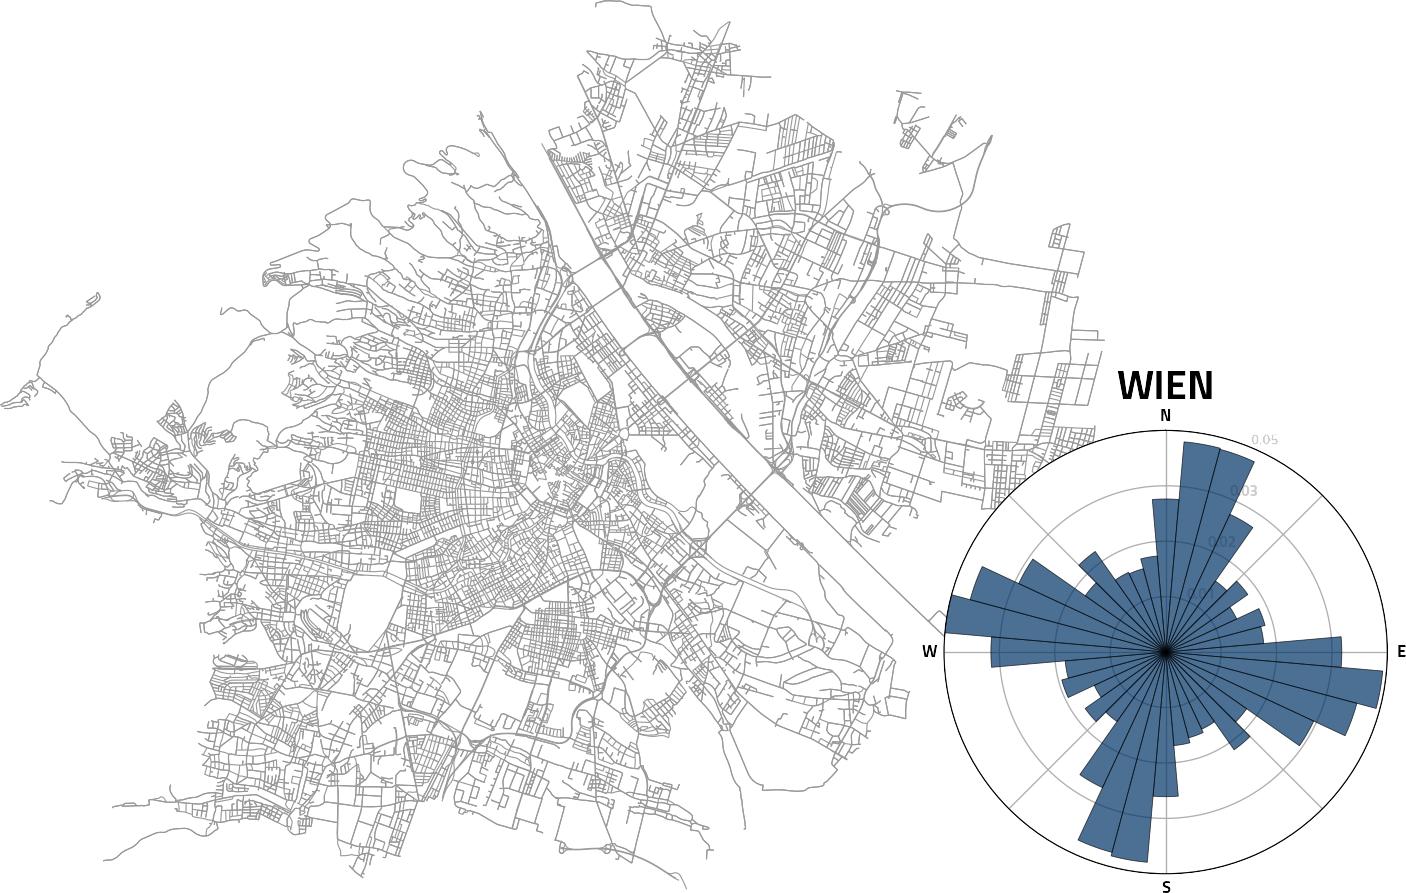 Wiens Straßennetz und seine geografische Ausrichtung